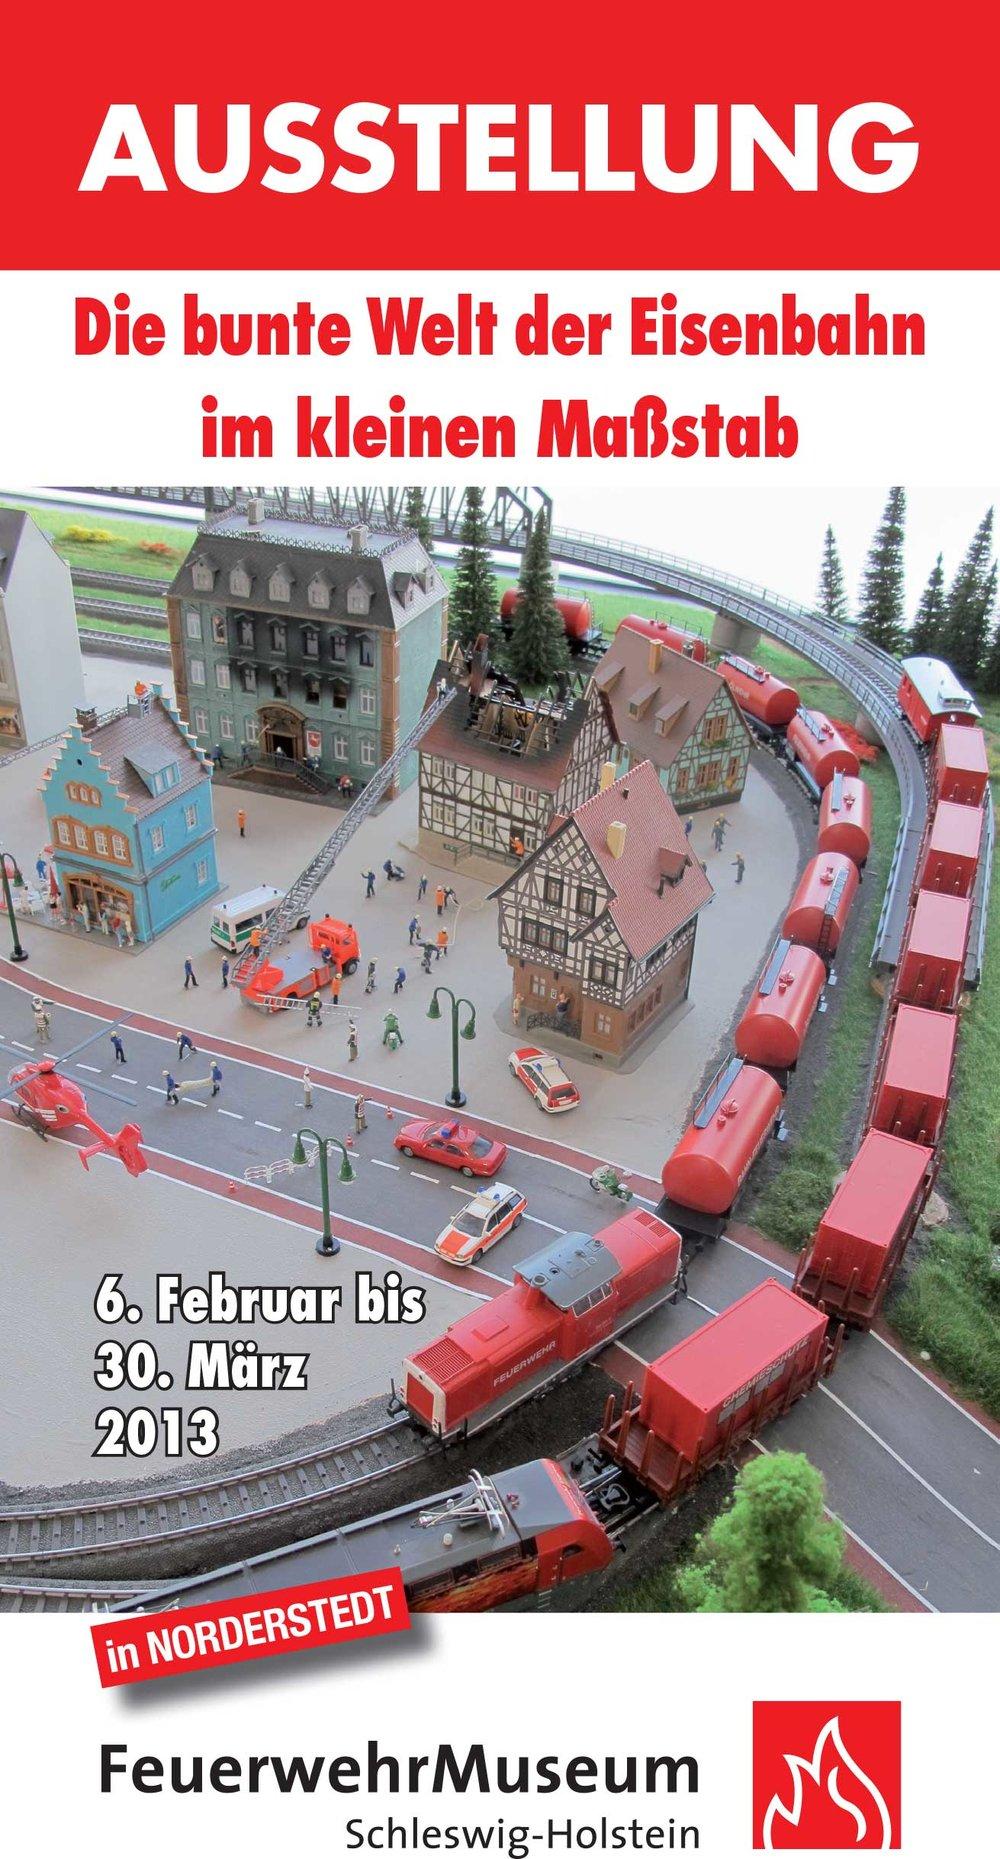 2013-02-06_Flyer---Die-bunte-Welt-der-Eisenbahn-im-kleinen-Maßstab-2.jpg